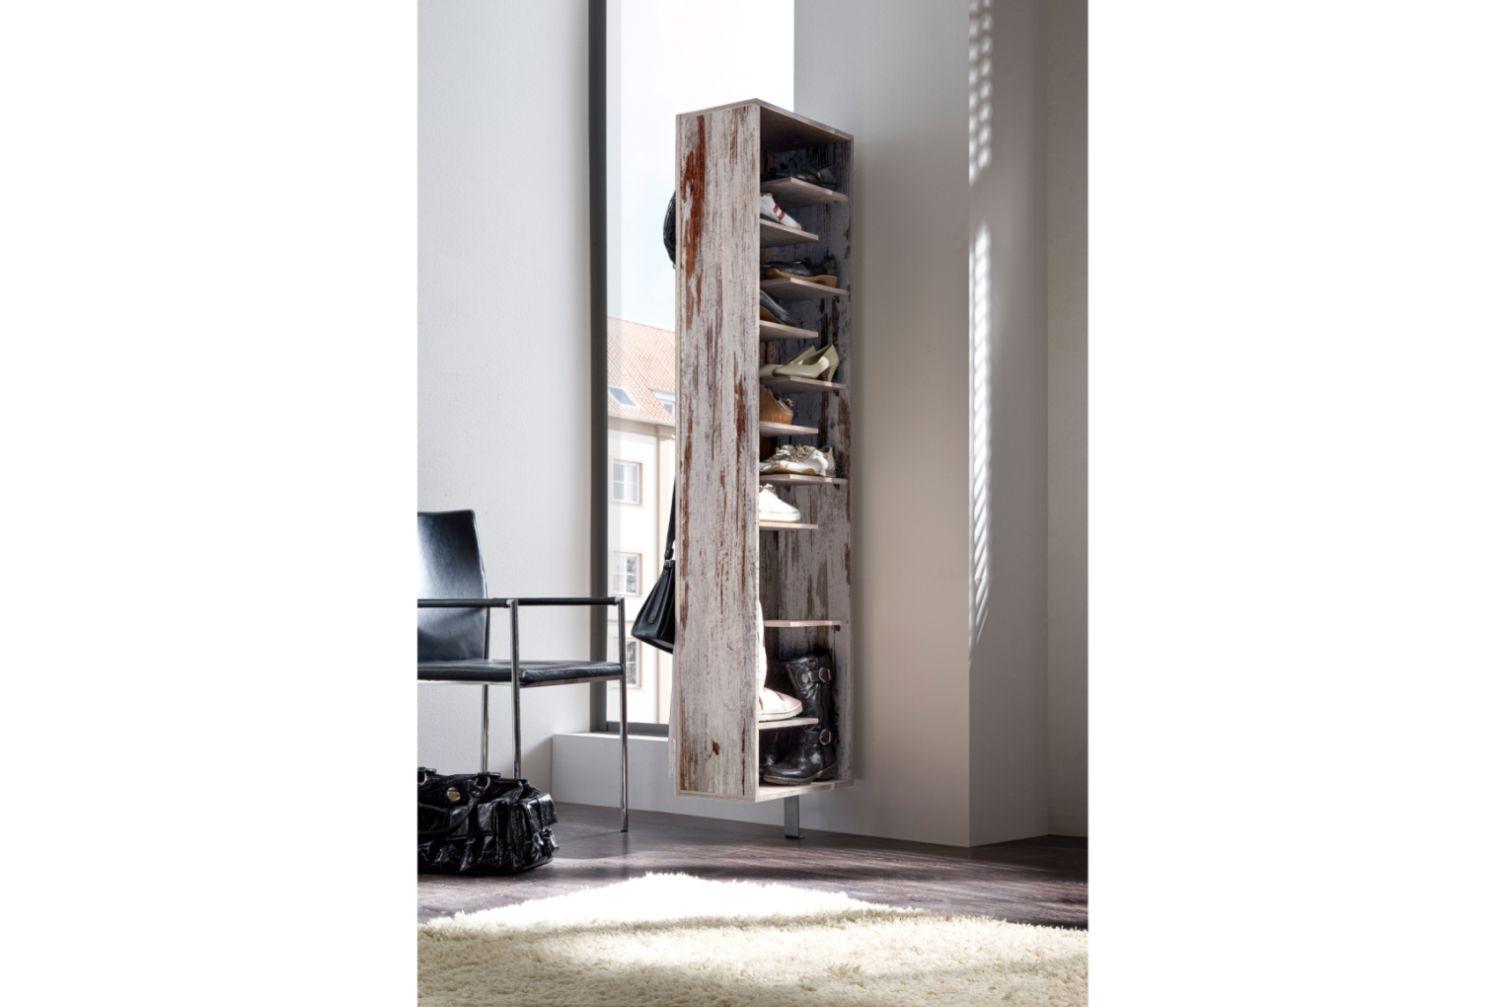 schuhschrank schrank garderobe schuhregal neu schuhablage. Black Bedroom Furniture Sets. Home Design Ideas